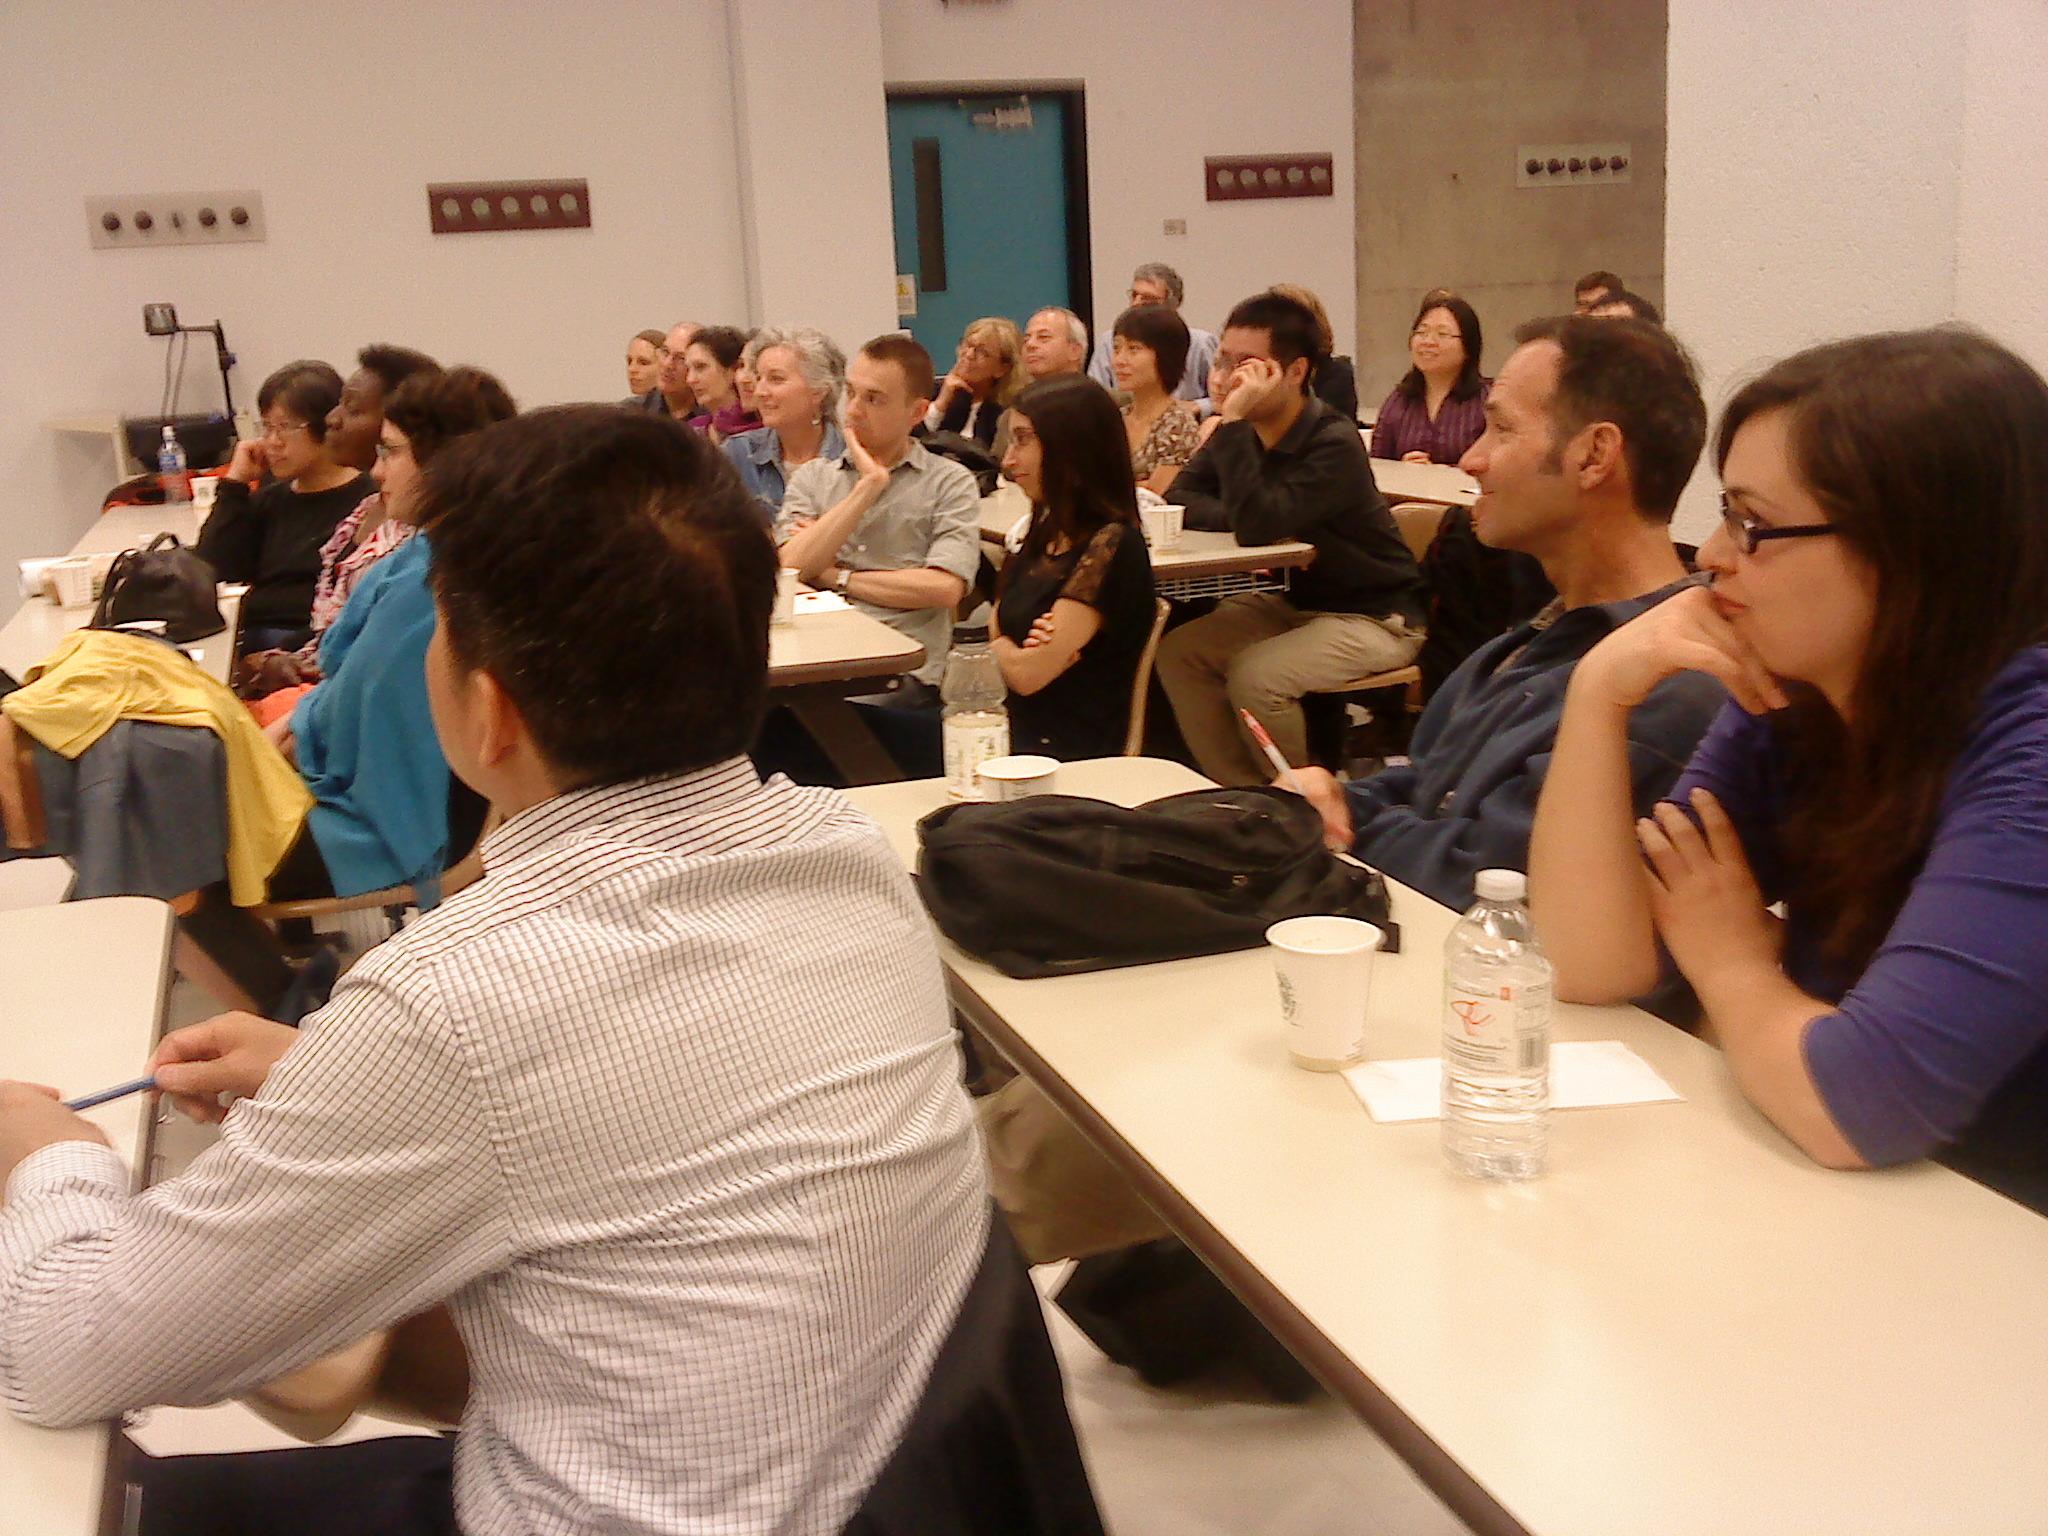 Un public très interactif et intéressant